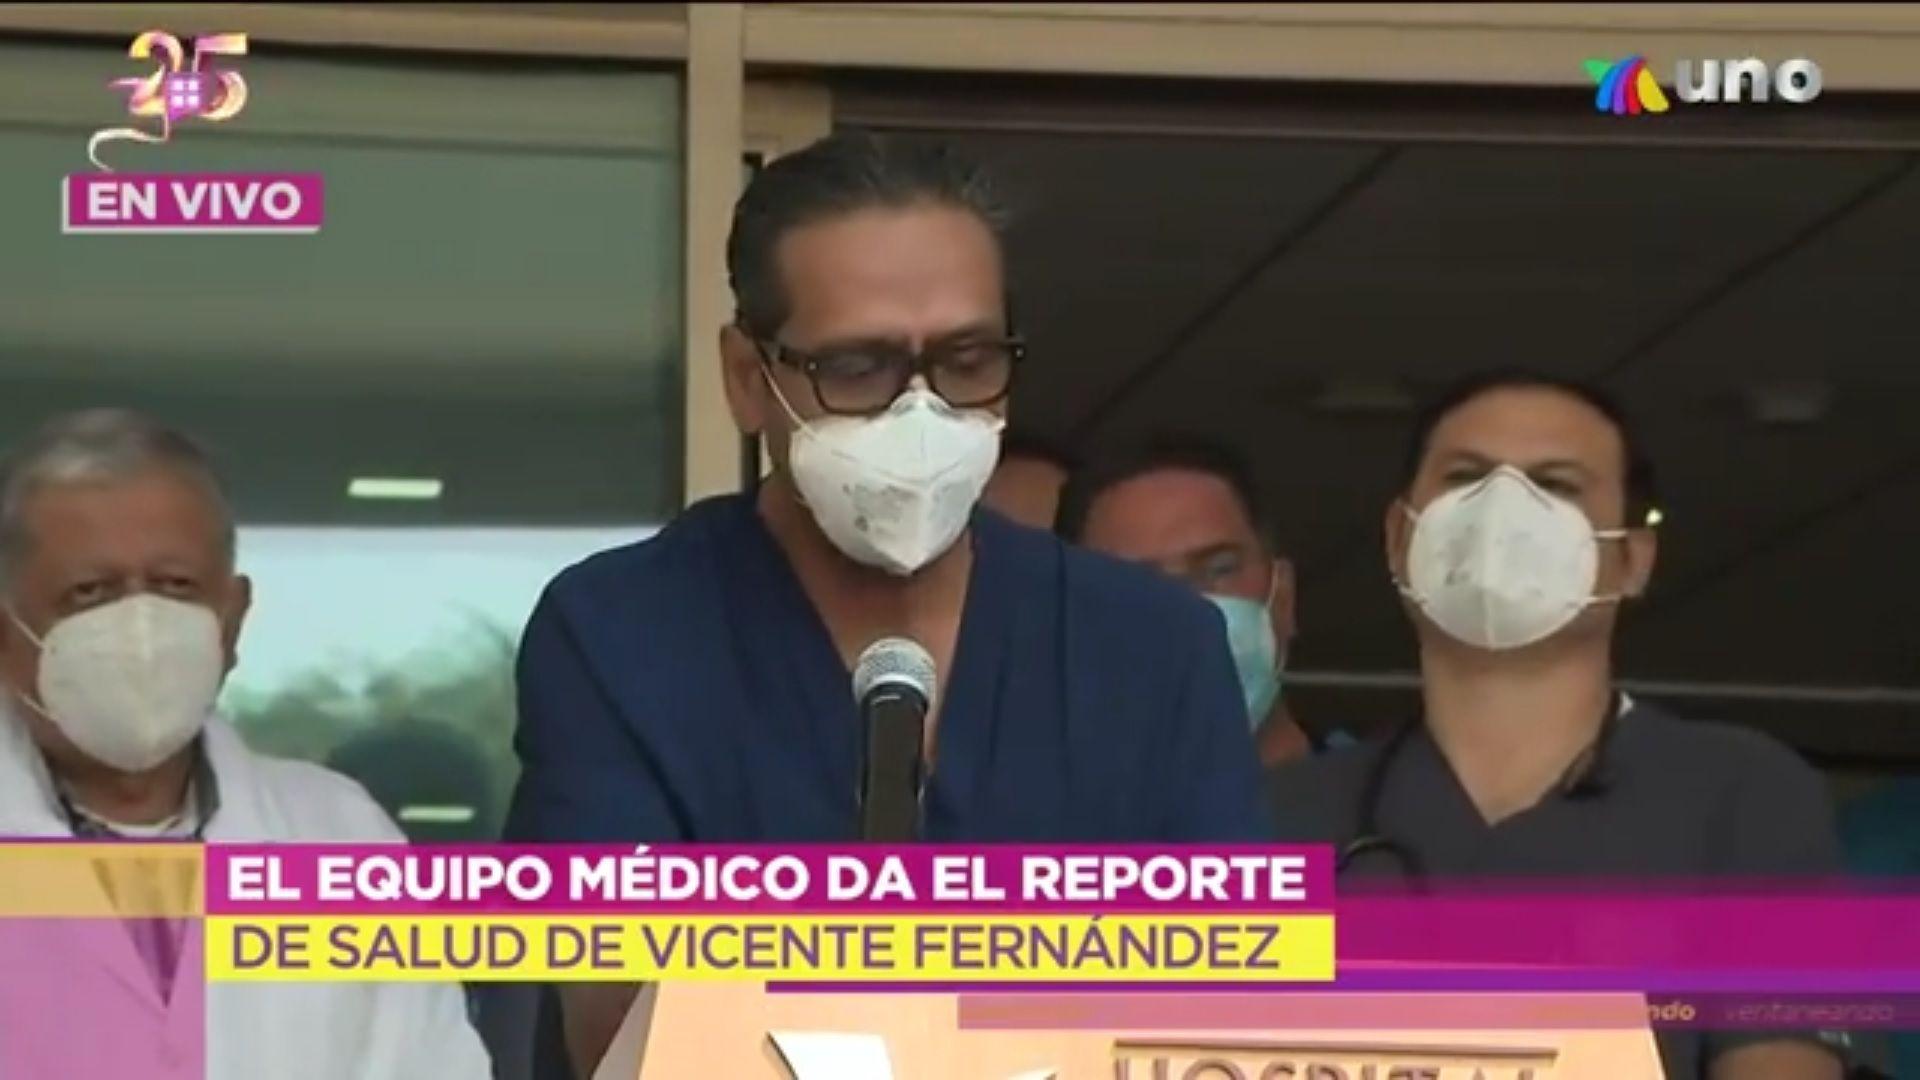 Vicente Fernández parte medico